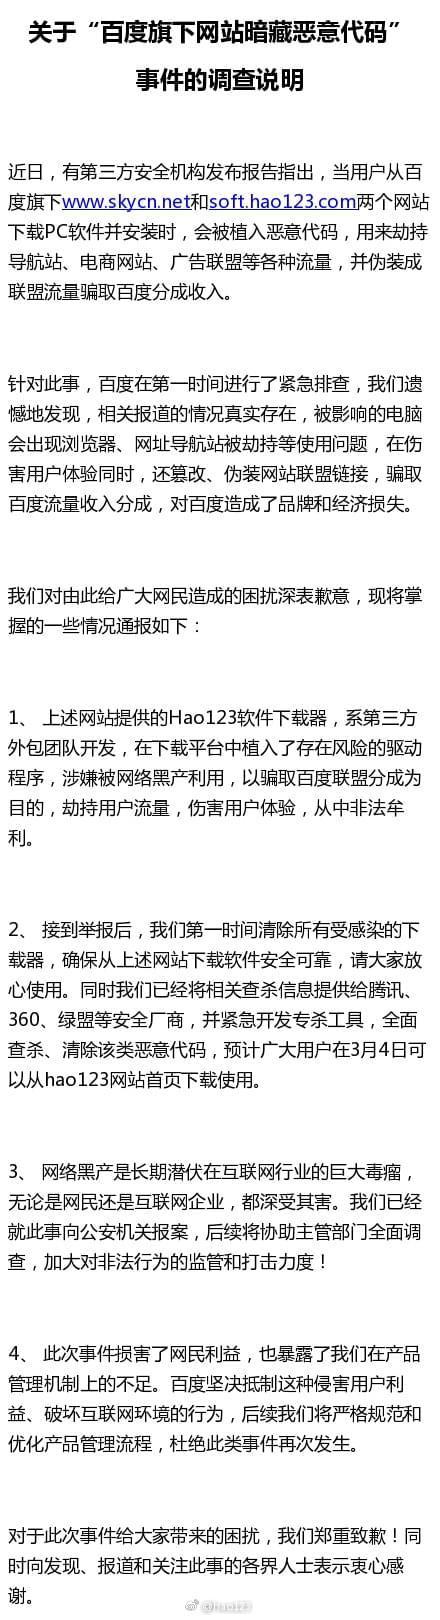 鹿鼎平台资讯百度承认旗下网站藏恶意代码:外包植入为了骗分成